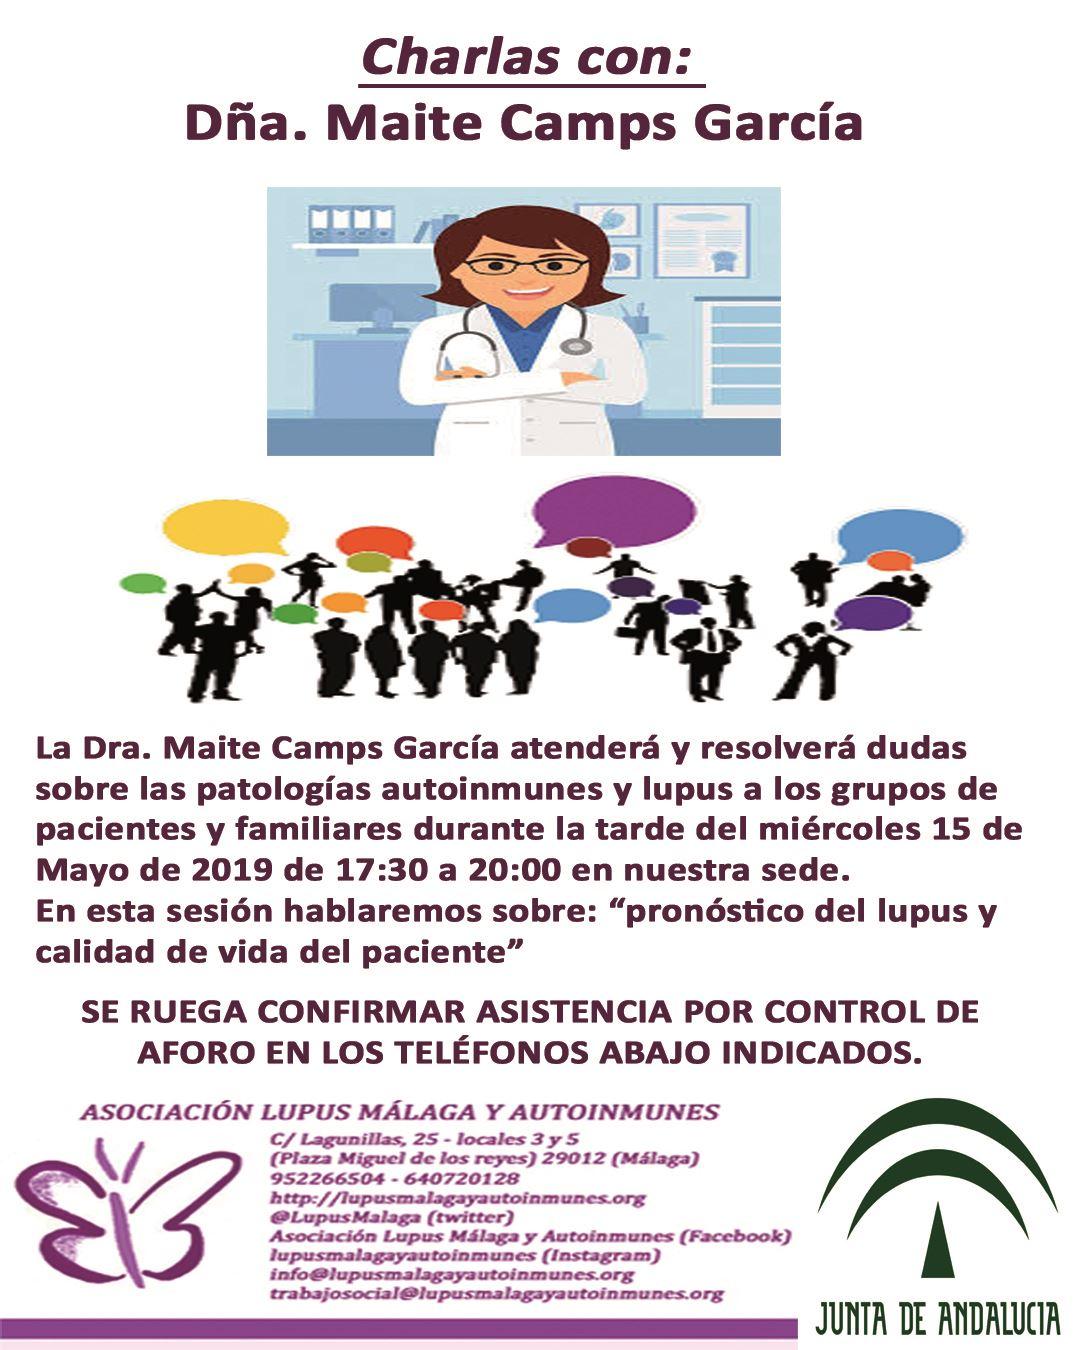 Charlas con la Dra. Maite Camps García – Miércoles 15 de Mayo